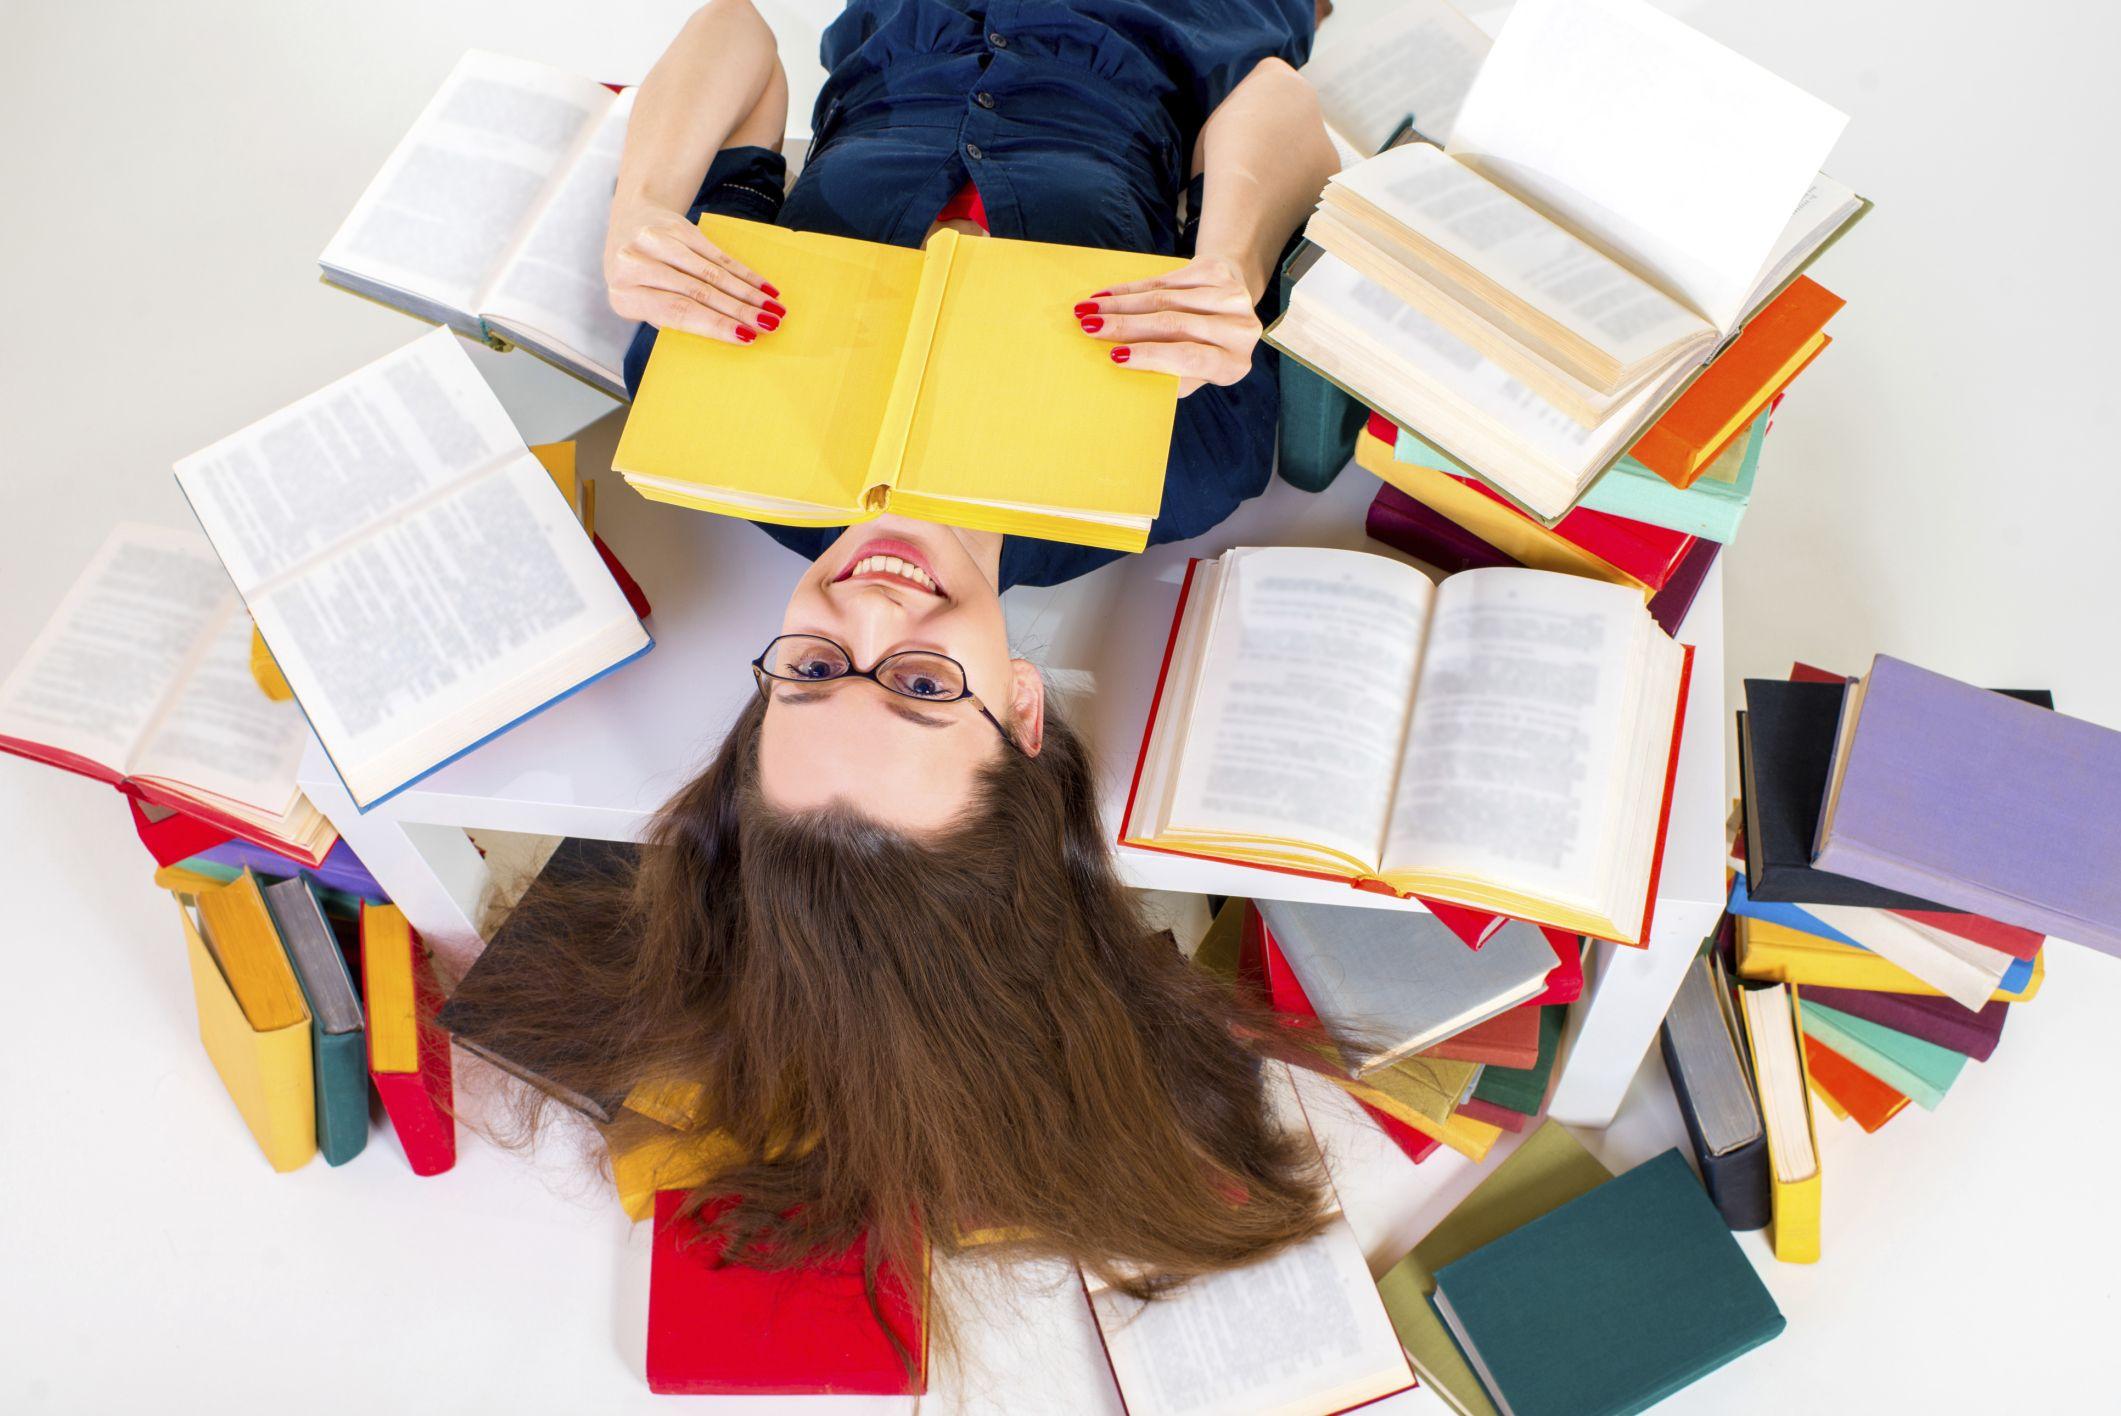 Estudiar literatura: mejora tu habilidad interpretativa y estimula el pensamiento crítico